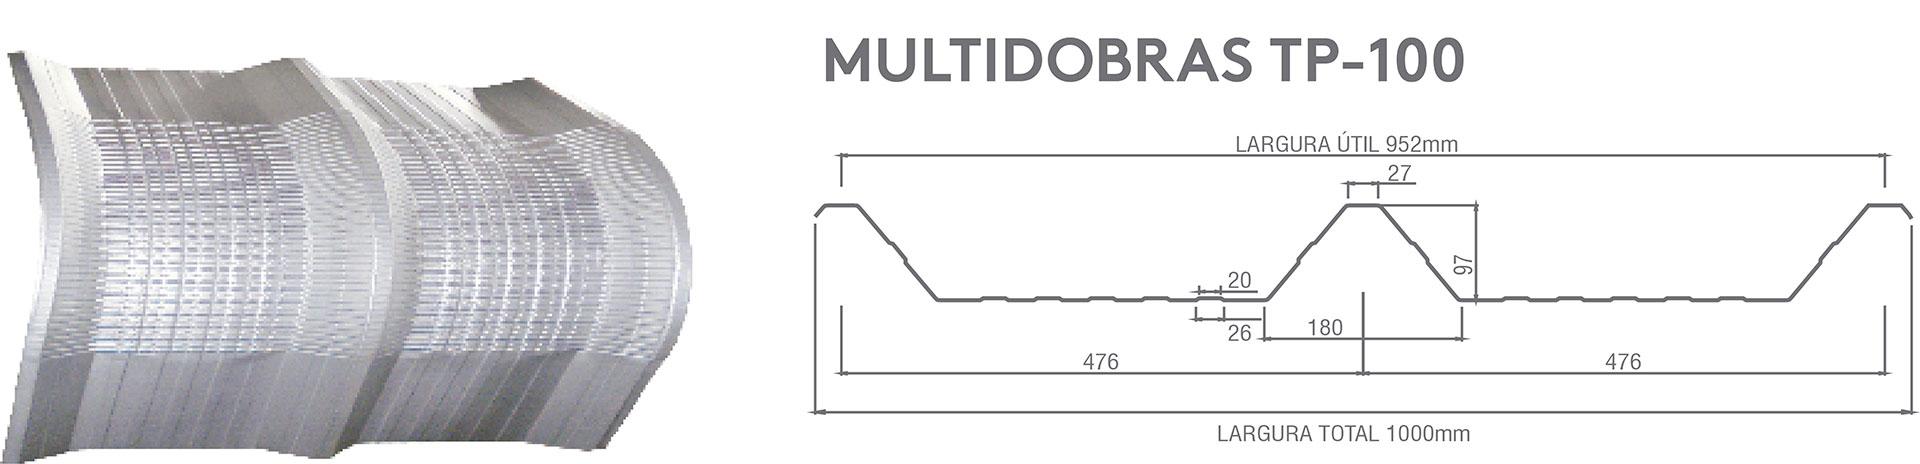 multidobras-tp-100